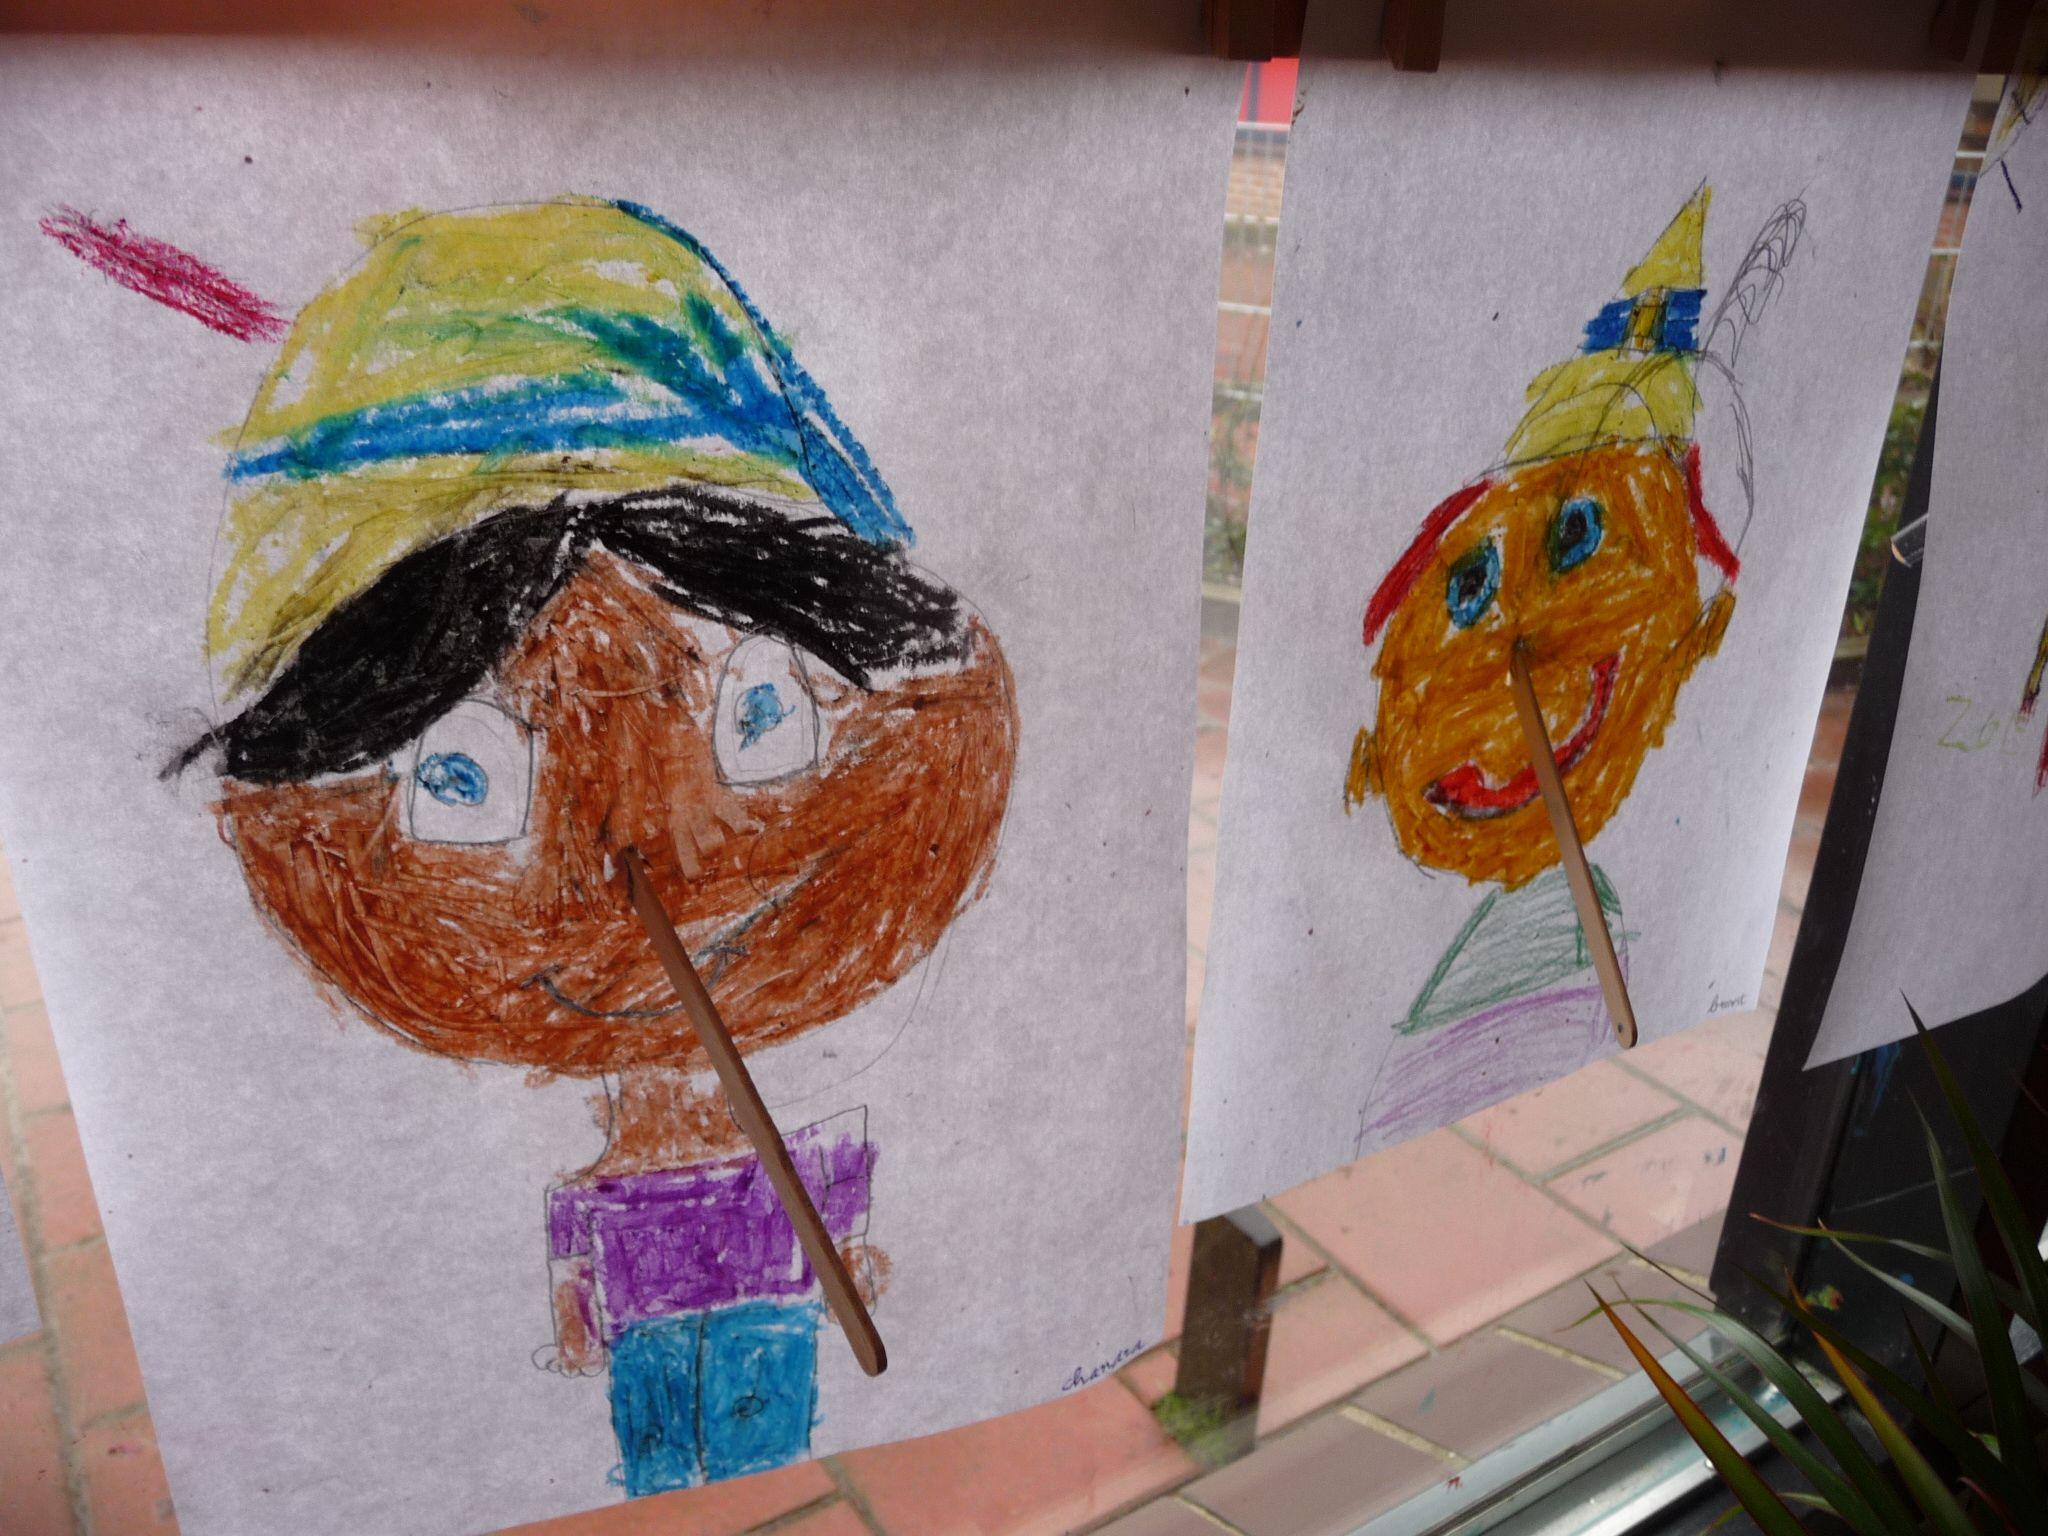 Pin Van Anita Bracke Op School Map Juf Ineke Allerlei Knutselideeen Op School Gefotografeerd Knutselen Sprookjes Sprookjes Pinokkio